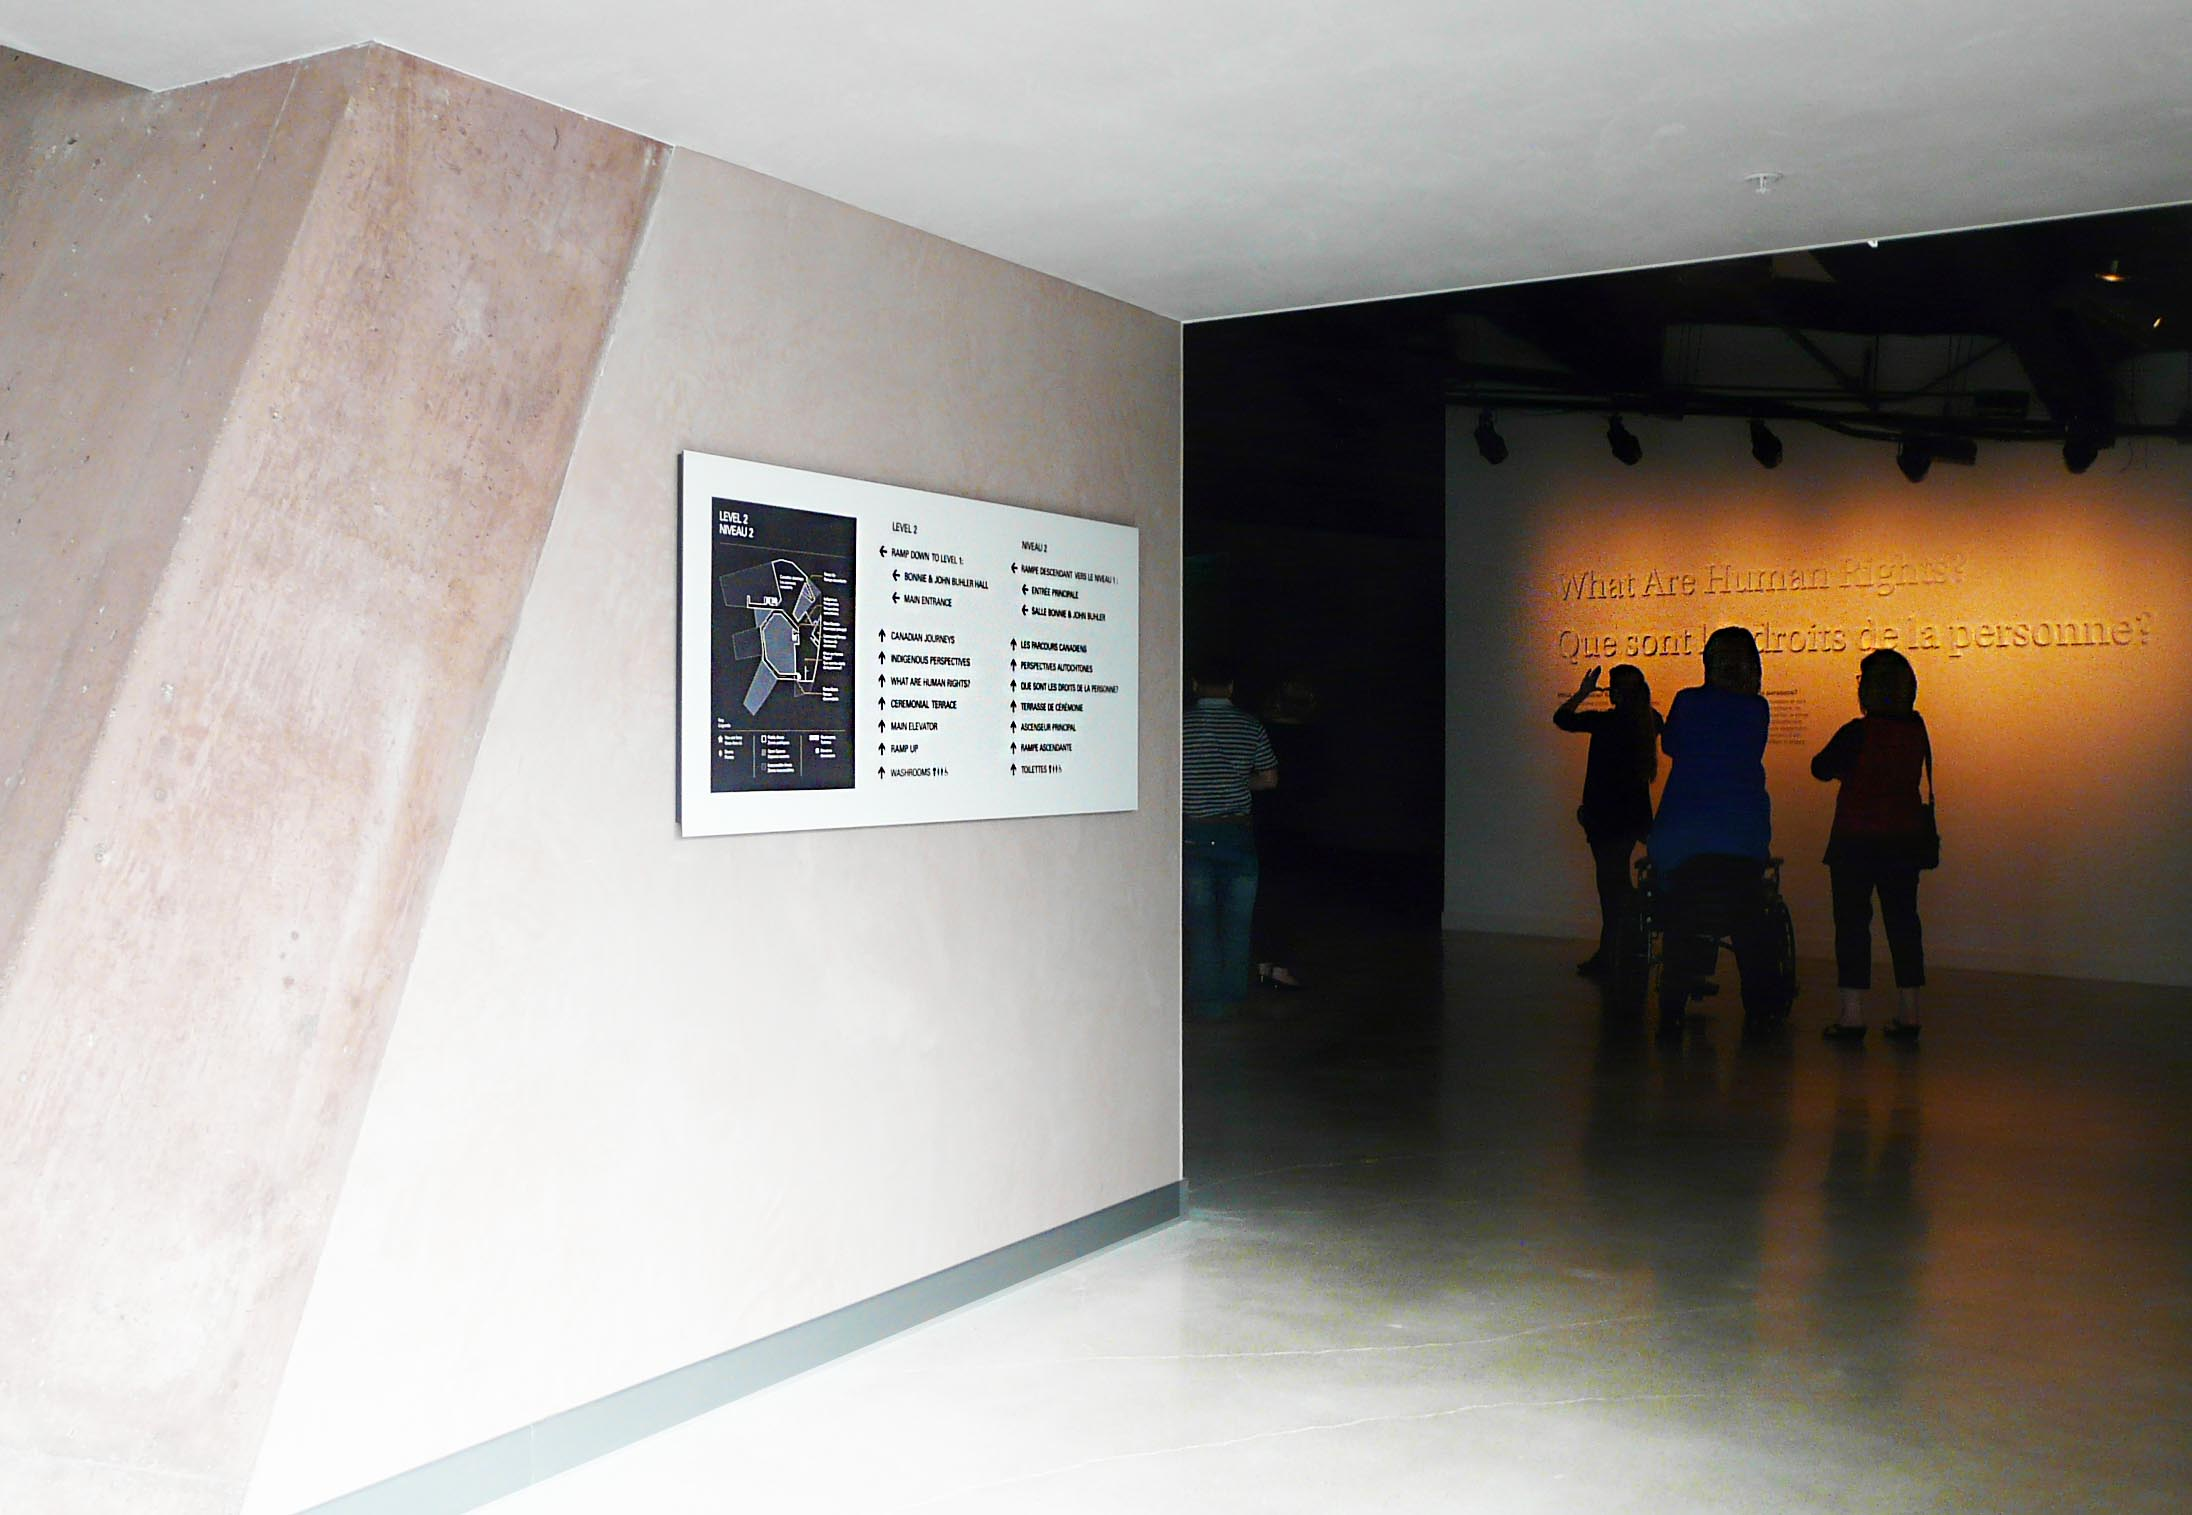 wayfinding signs in museum.jpg